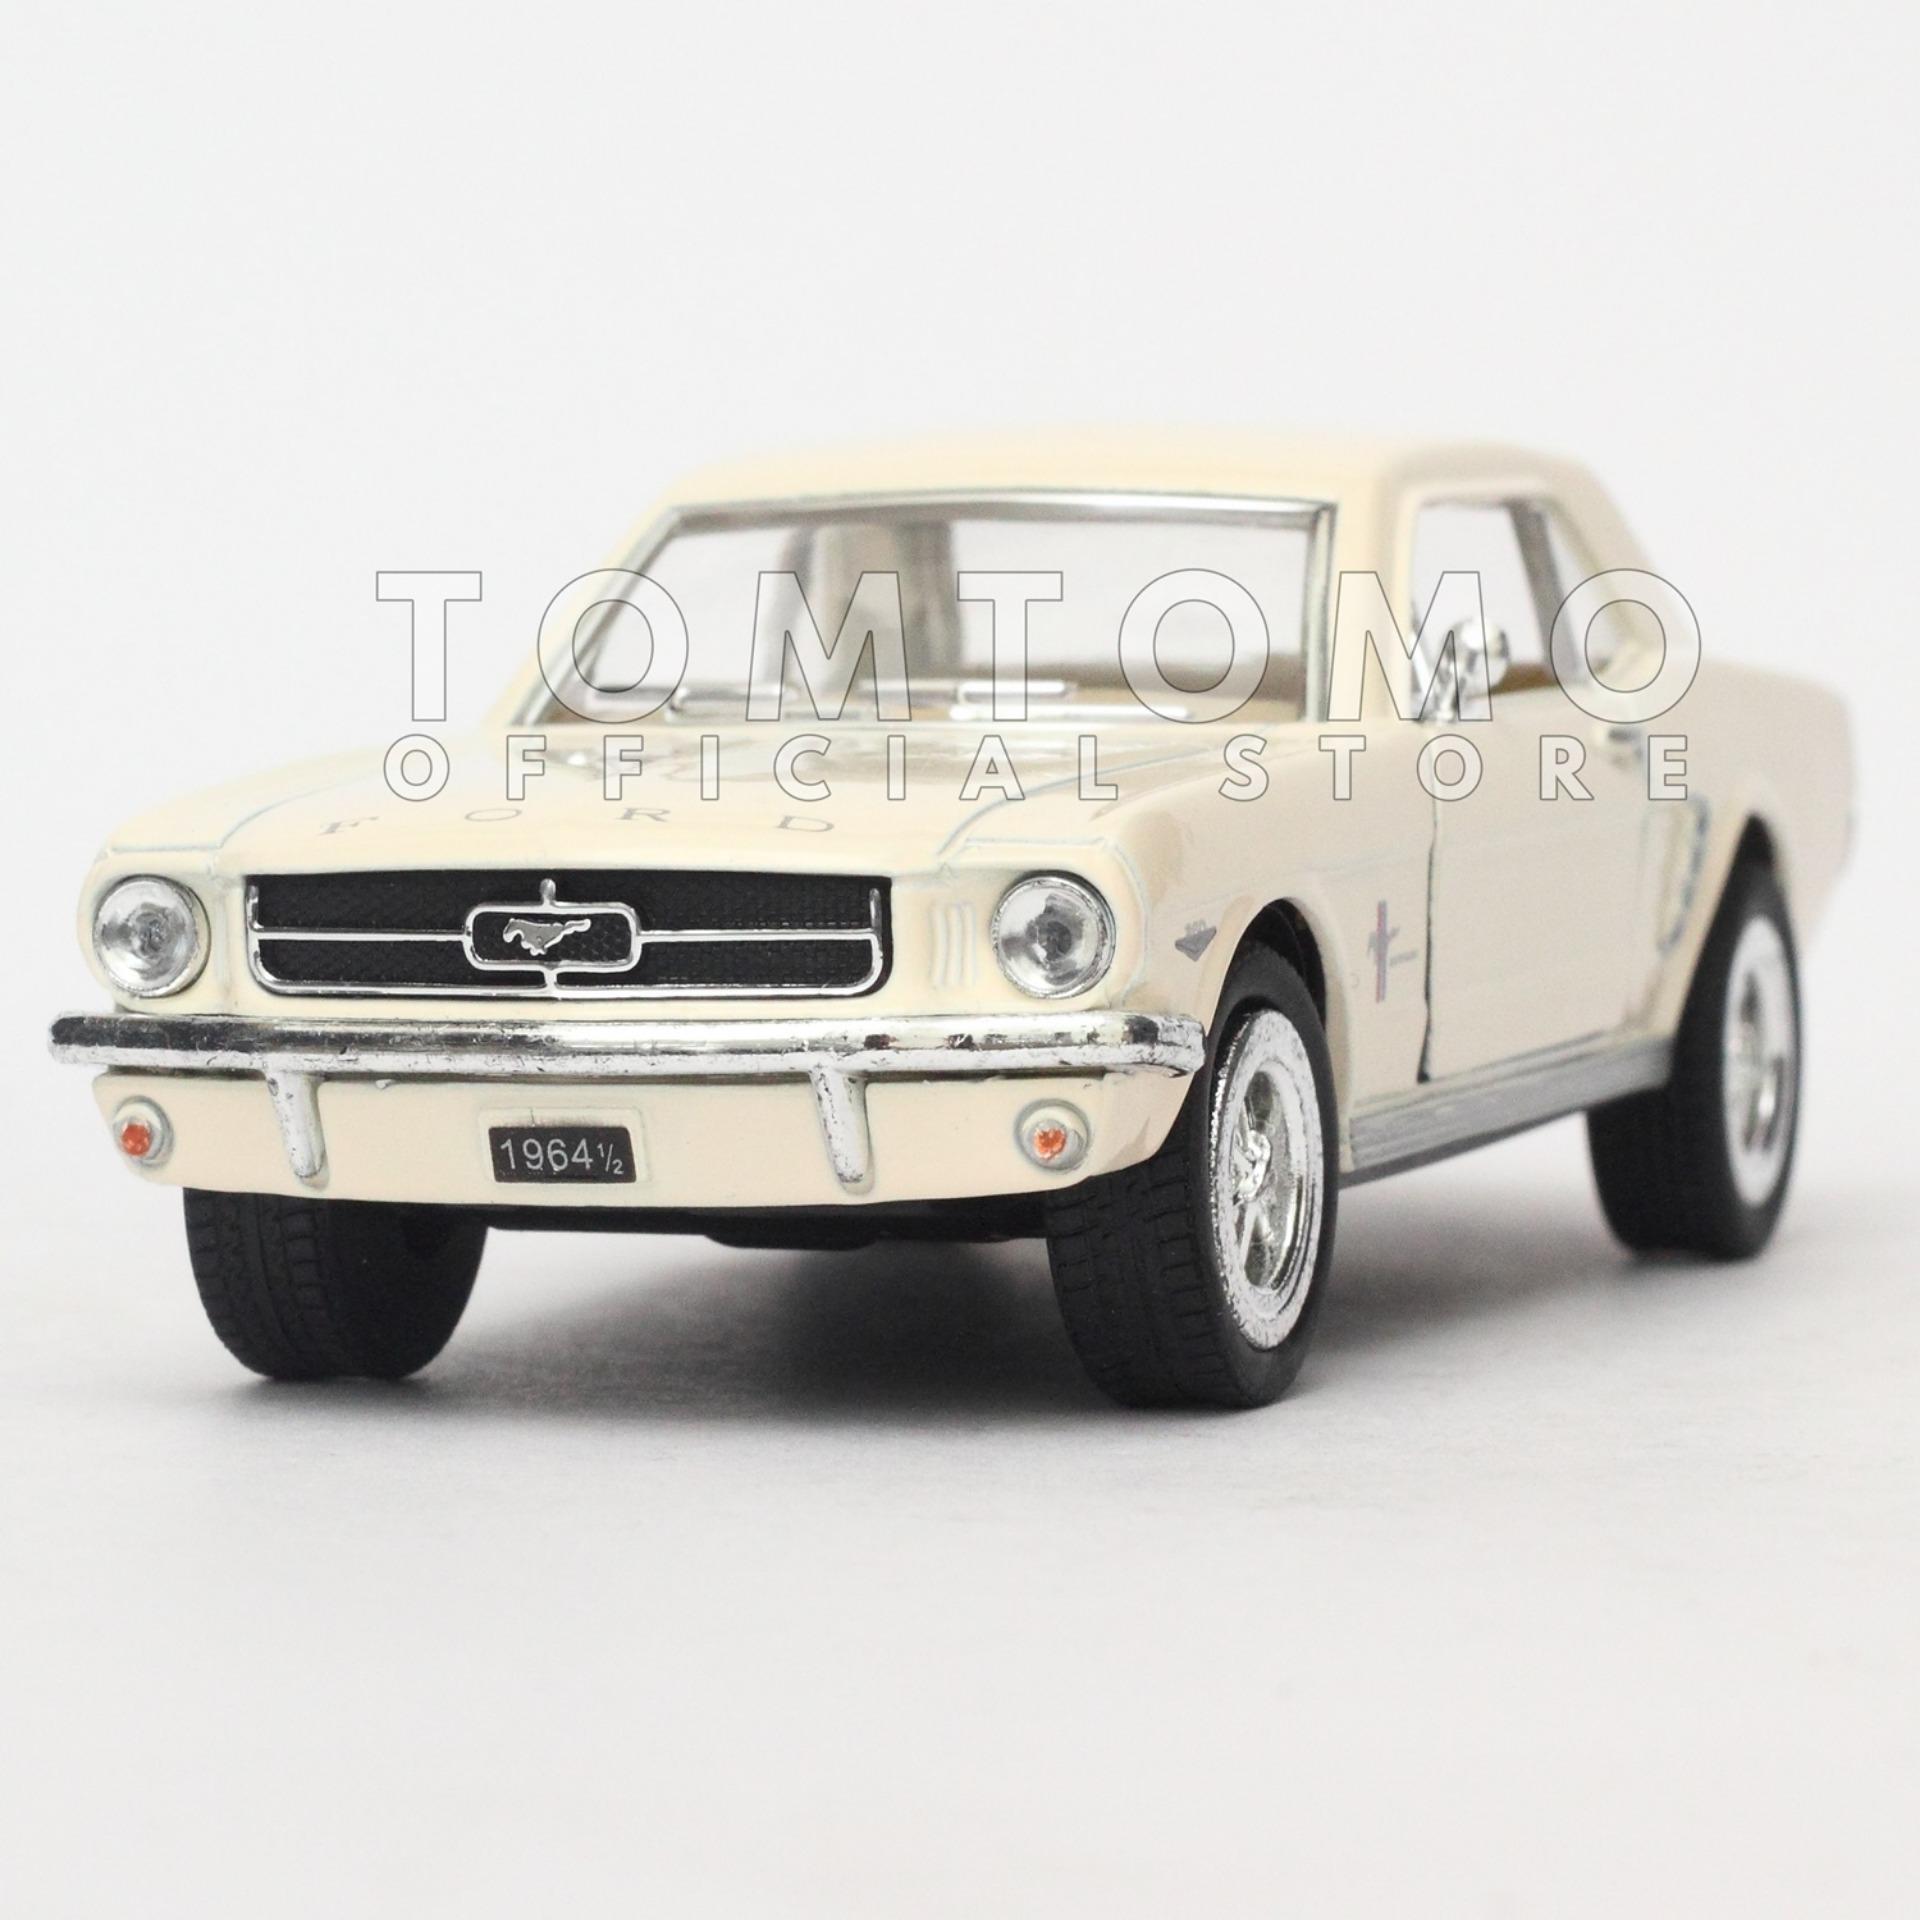 Periksa Peringkat Ford Mustang 1964 Diecast Miniatur Mobil Mobilan